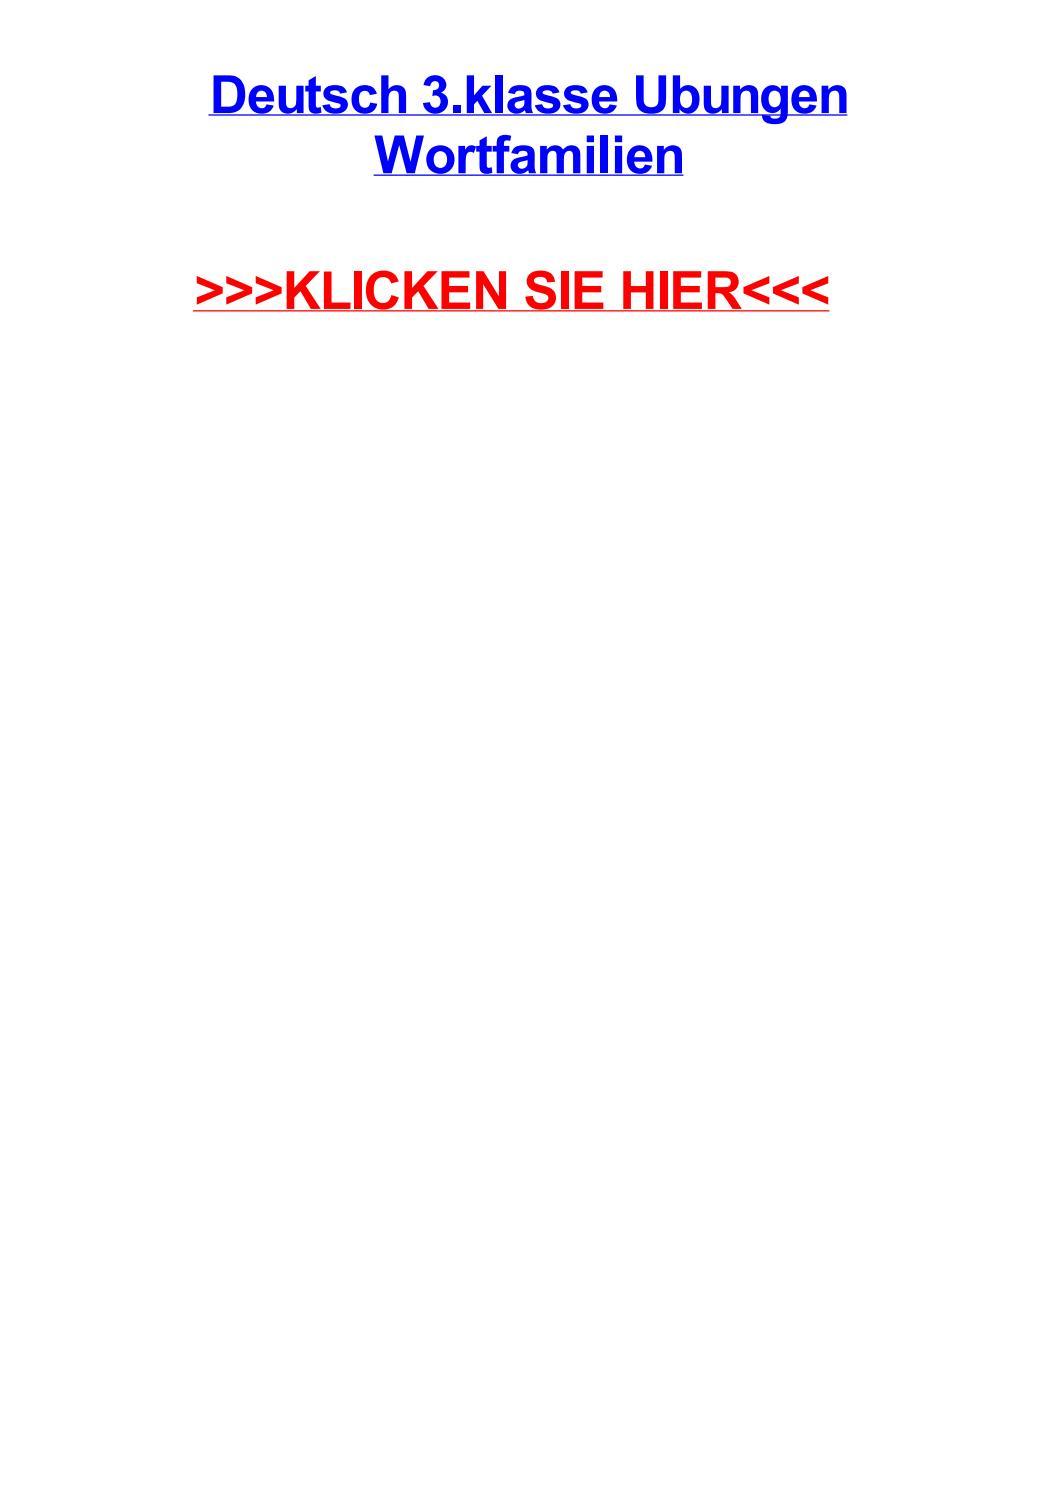 Deutsch 3 klasse ubungen wortfamilien by rayimza - issuu